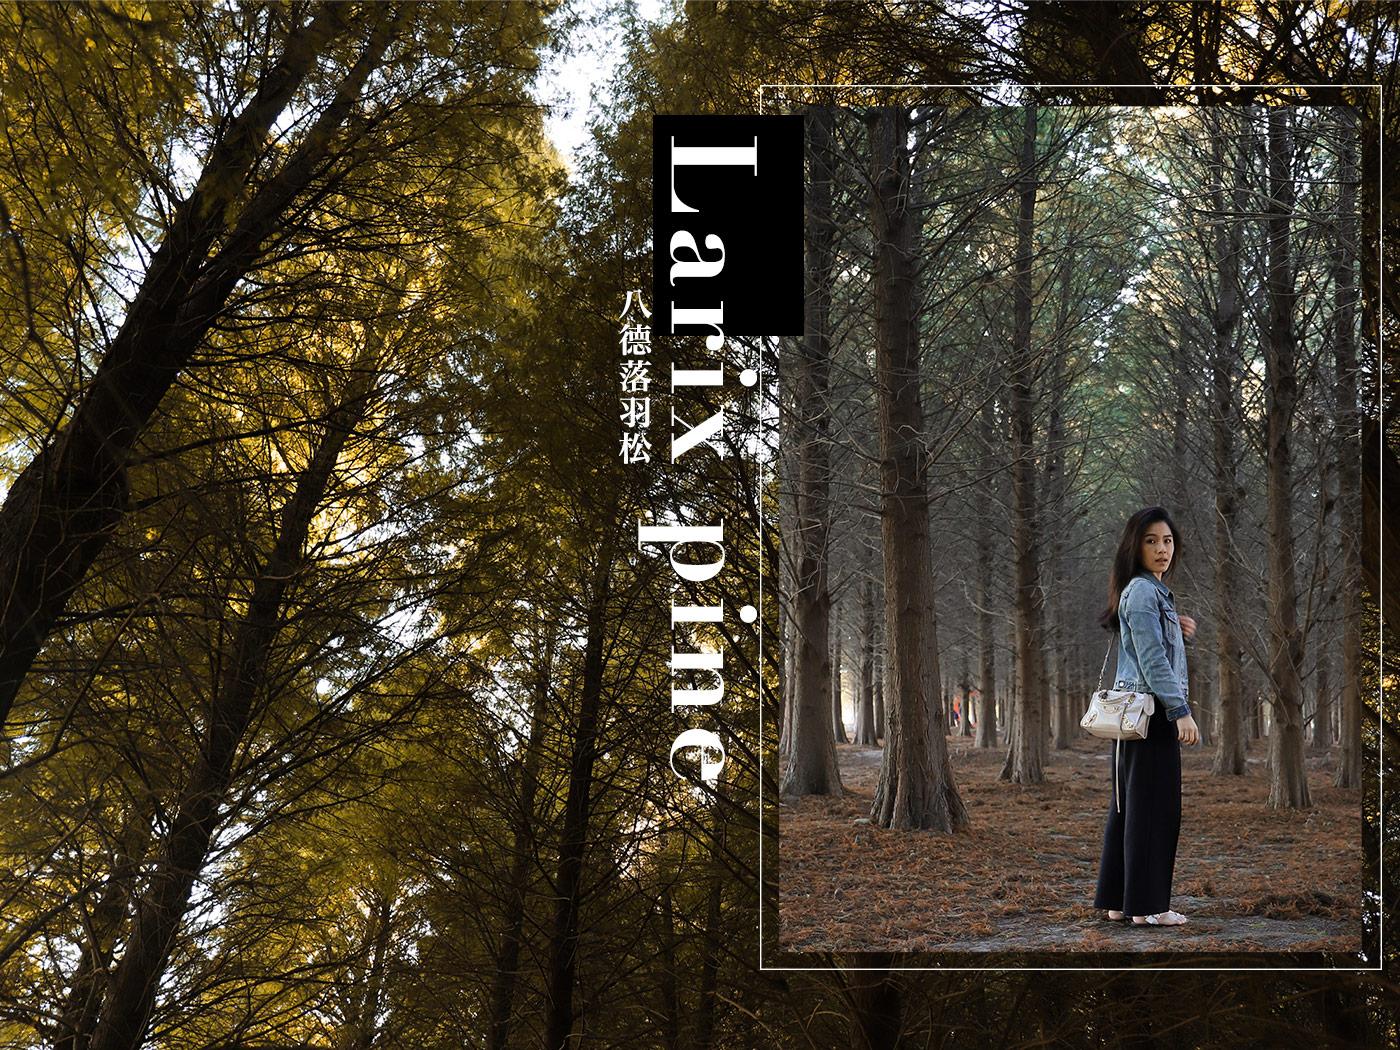 桃園大溪|秋冬出發!極美棕紅色的八德落羽松+粉紅大波斯菊秘境景點必看,IG打卡美景必收